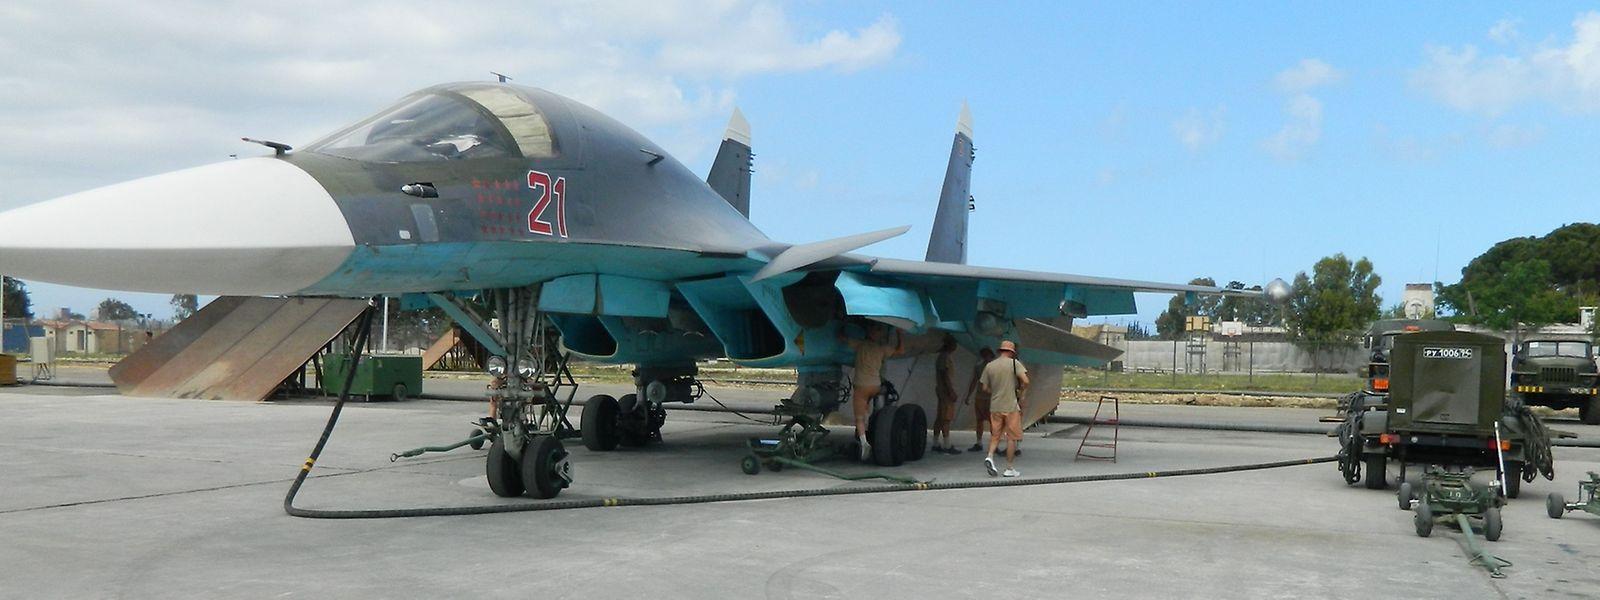 Ein russischer Suchoi-Kampfbomber beim Auftanken auf der Basis Hmeimin.